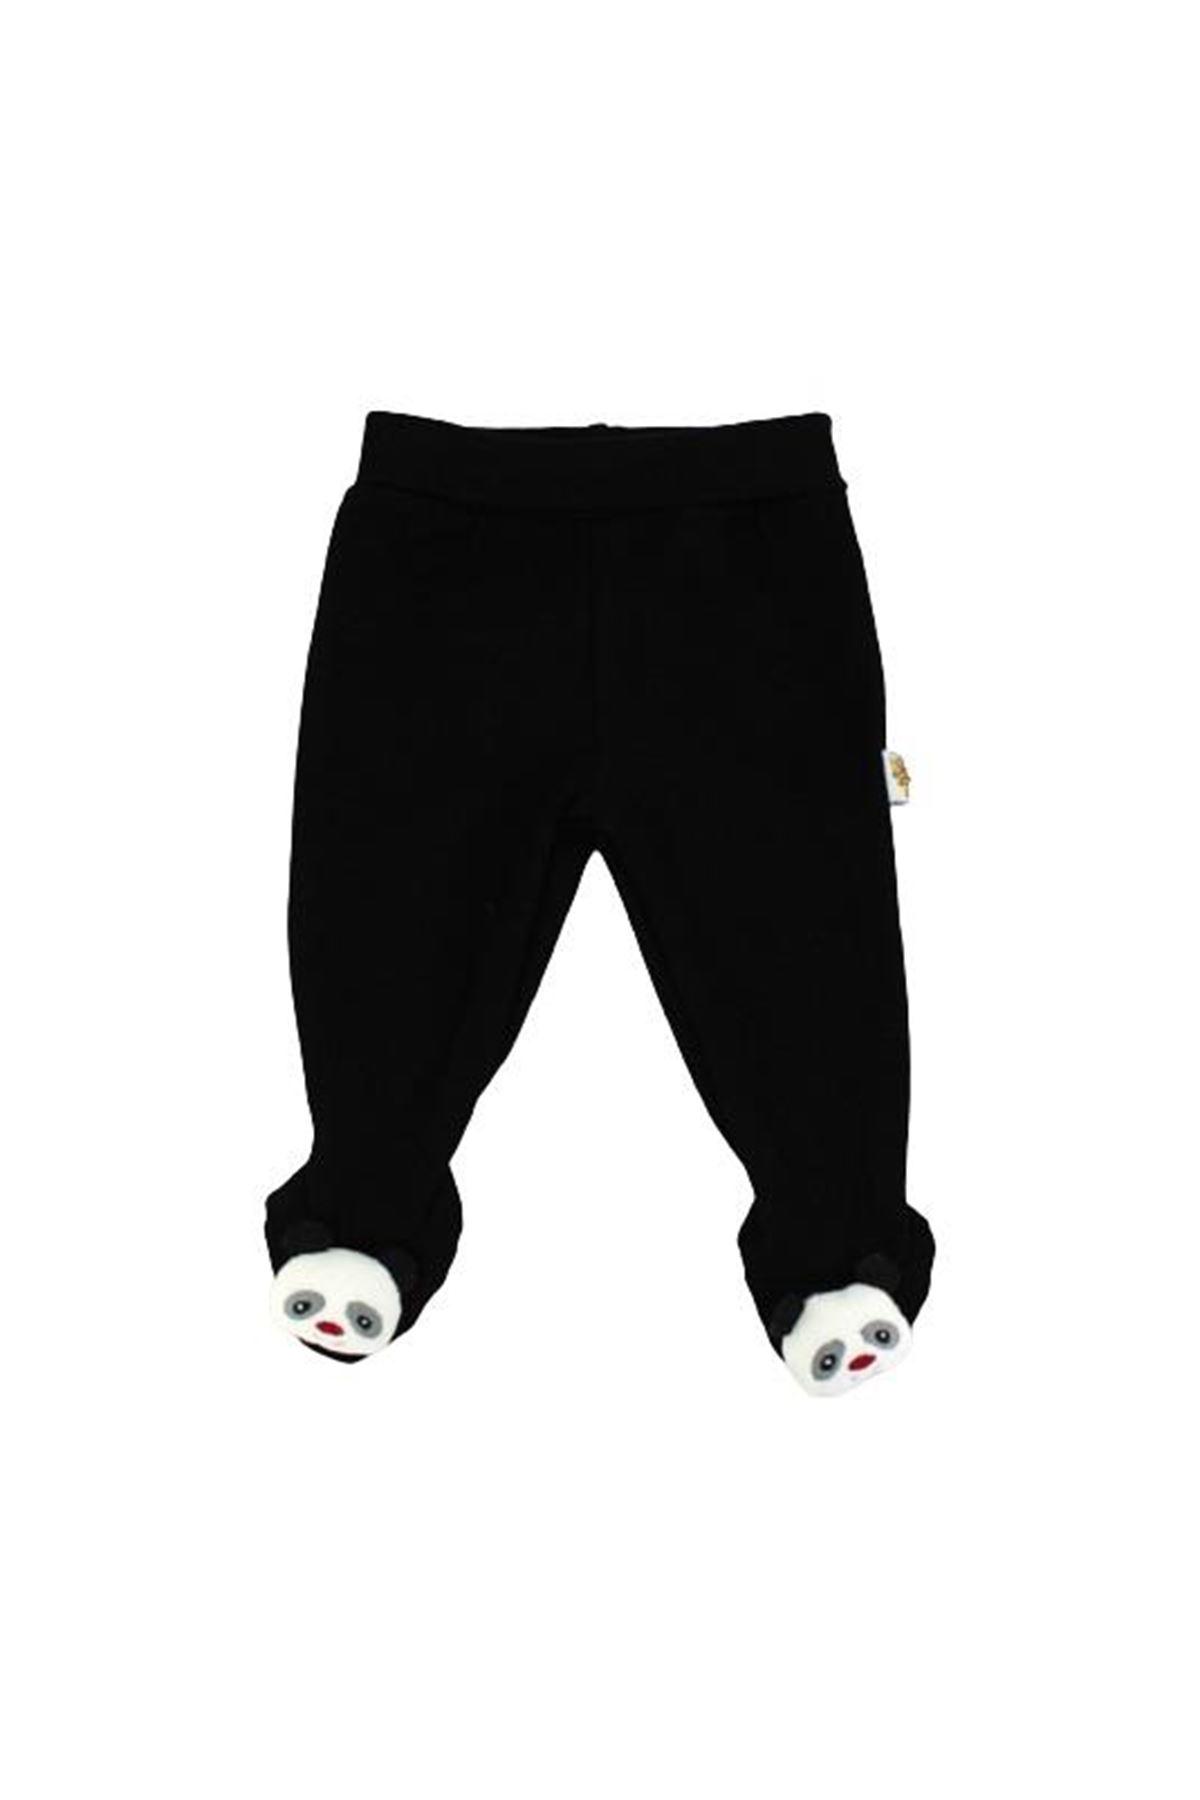 Albimini Minidamla Düz Oyuncaklı Patikli Pantolon 44178 Siyah